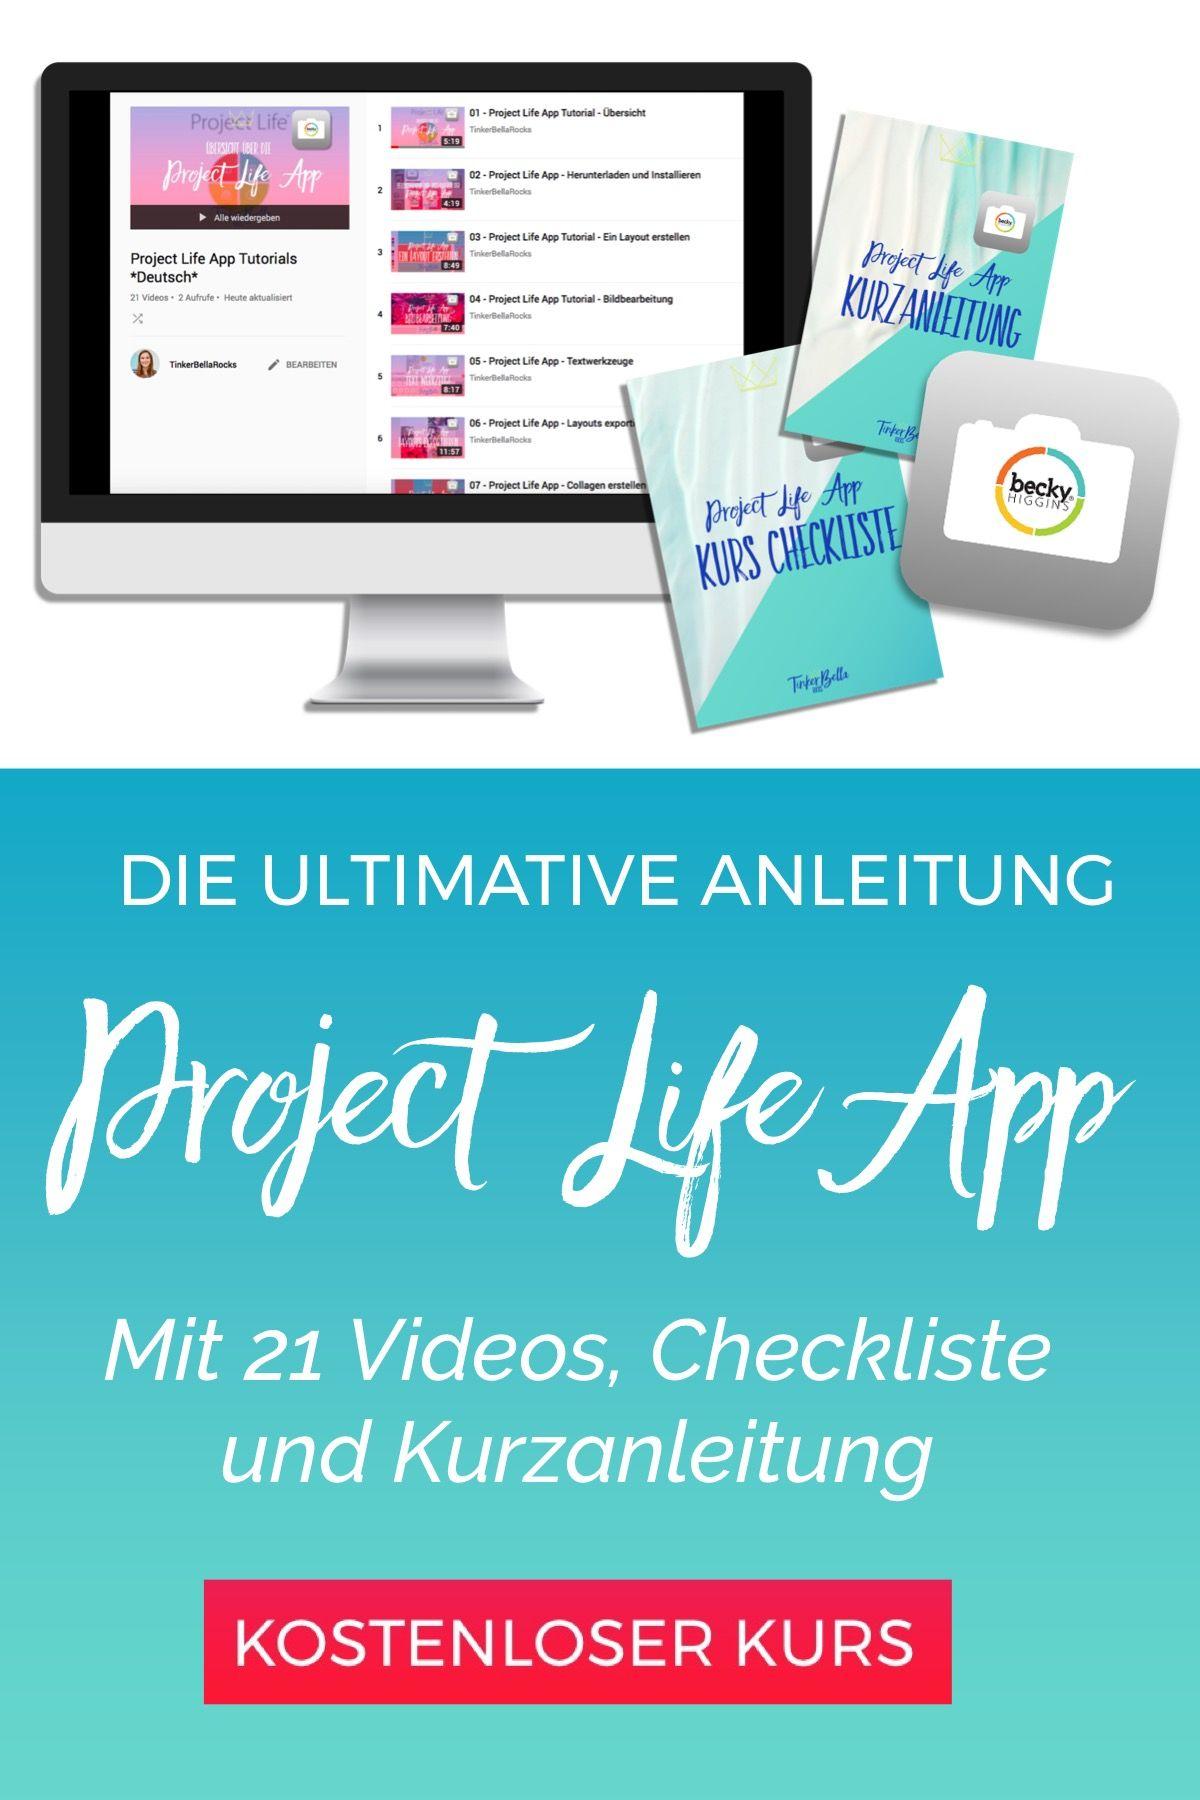 mit der project life app kannst du deine fotos und erinnerungen in